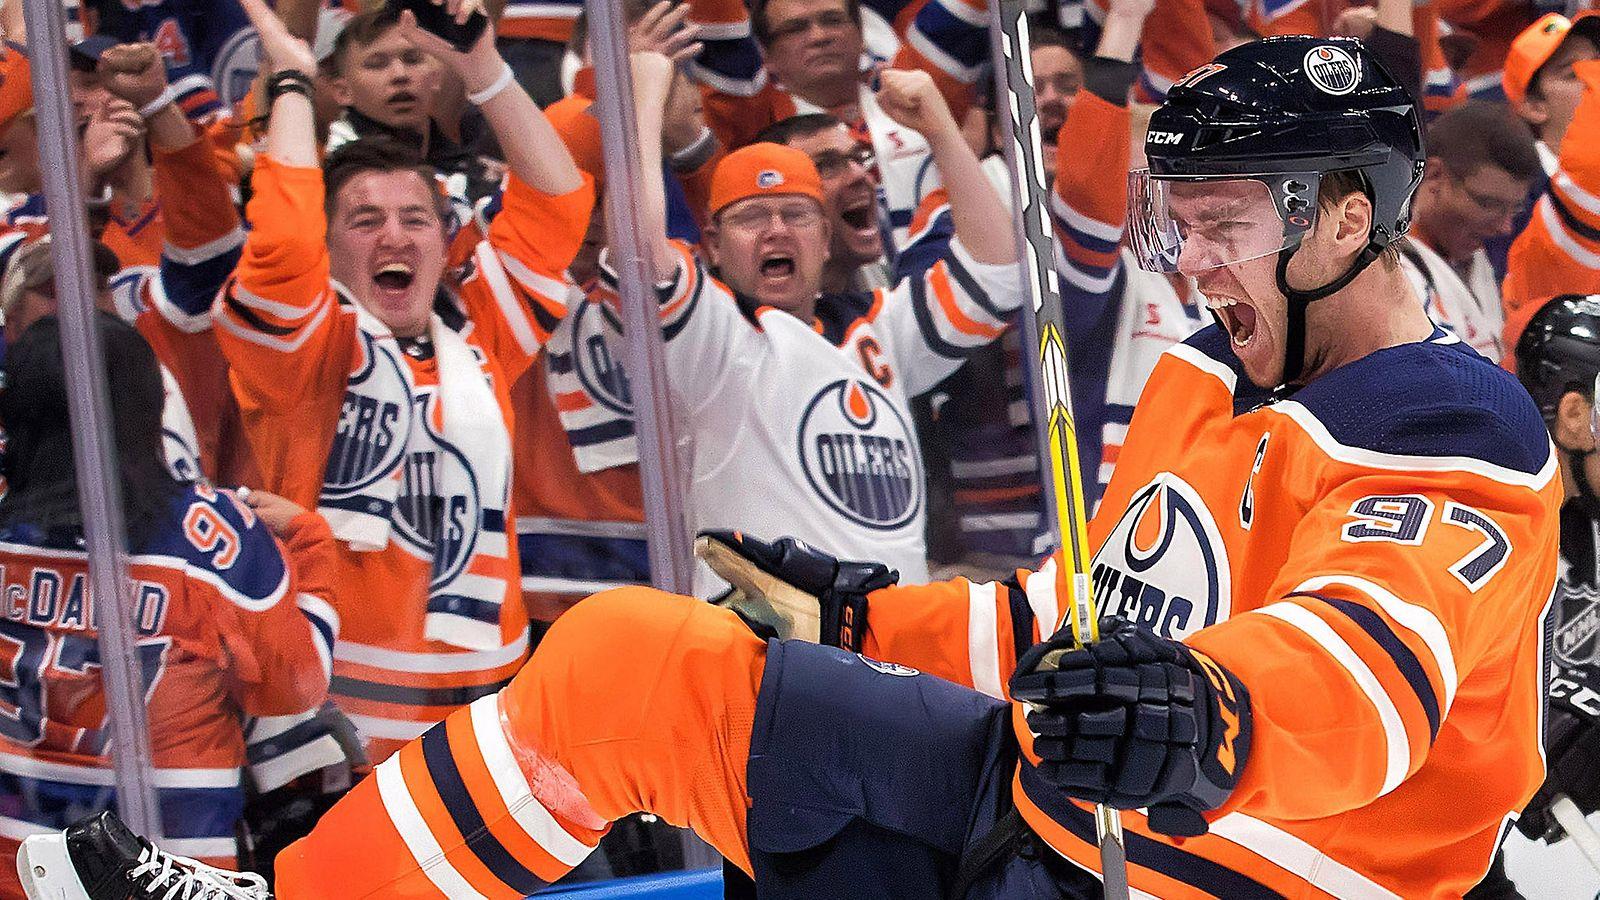 NHL:n pistepörssin voittanut Connor McDavid saapumassa kevään MM-kisoihin! - MM-jääkiekko ...